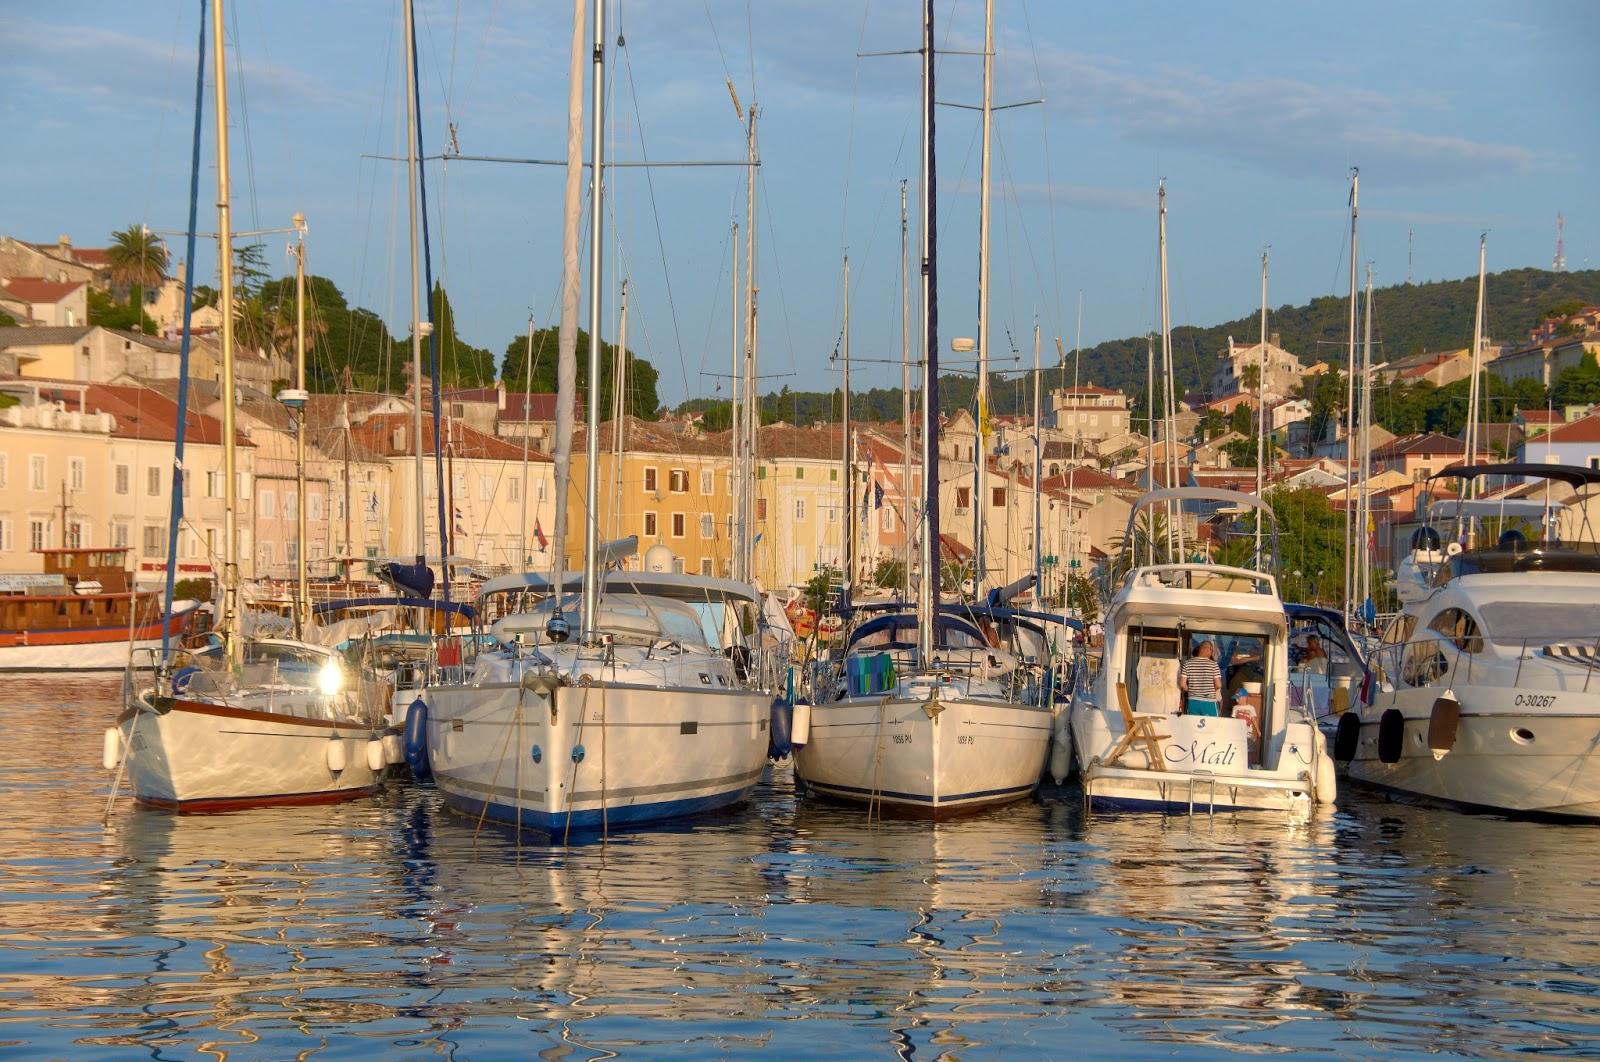 Chorwacja widoki na urokliwe miasteczko